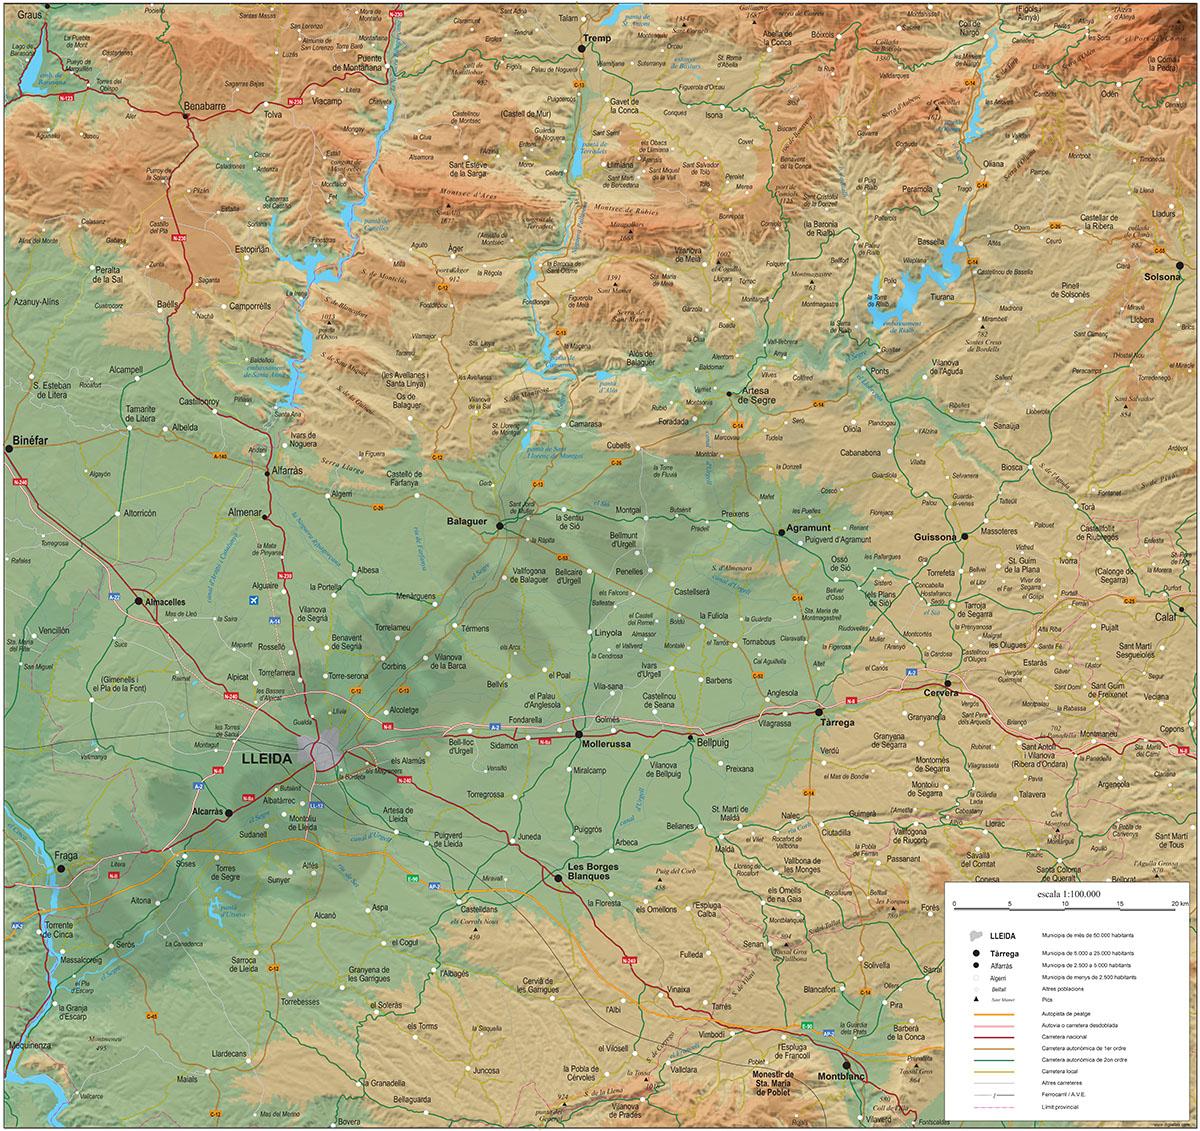 Mapa geográfico de Lleida y la Franja de Ponent